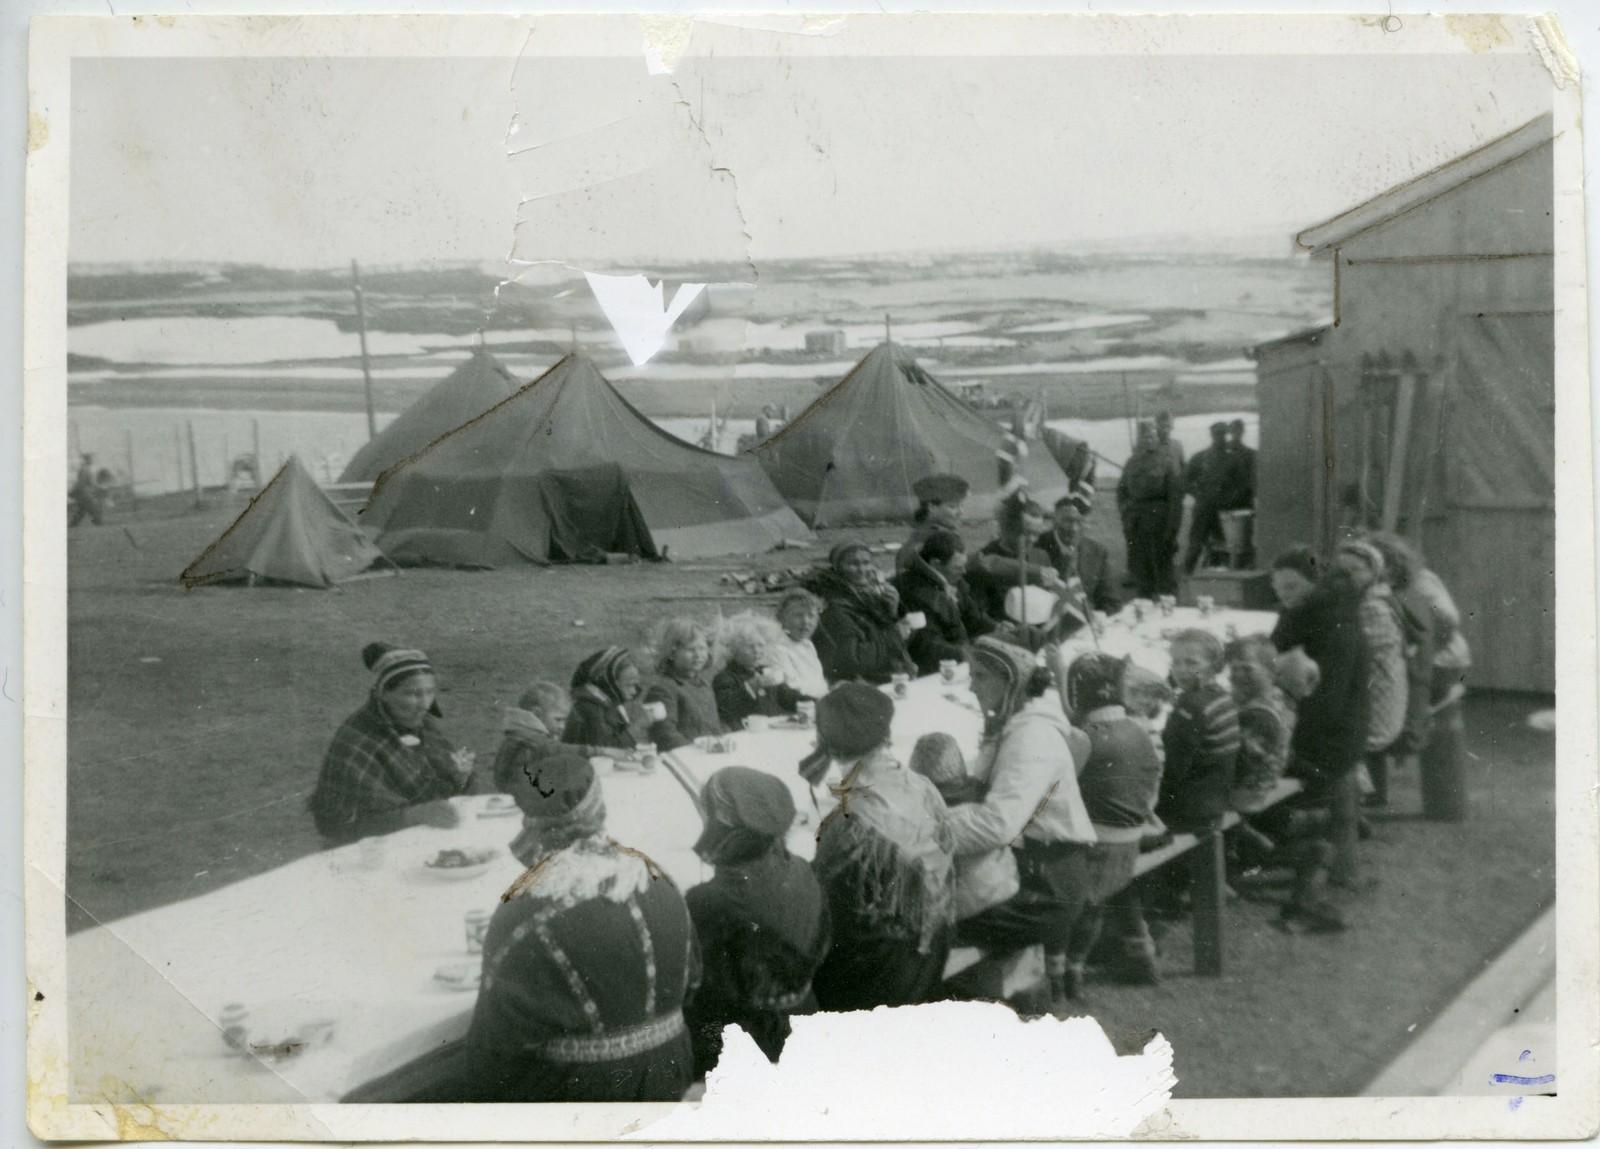 Original bildetekst: Kautokeino 17. mai 1945. Vi stekte vafler, dekket bord ute, kokkene som bor i teltene her, kokte kakao, ellers hadde vi en pakke kjeks, og en plate melkesjokolade til hver.  Gjestene kom og man gikk til bords, barn i alle aldre. Fotografiet kommer fra et album gitt til Riksarkivet av sykepleier Marie Lysnes. Våren 1945 deltok hun i opprettelsen av et feltsykehus i Finnmark. Lysnes dokumenterte oppholdet i Finnmark gjennom tekst og bilder. Almumet er en del av privatarkivet etter Marie Lysnes.